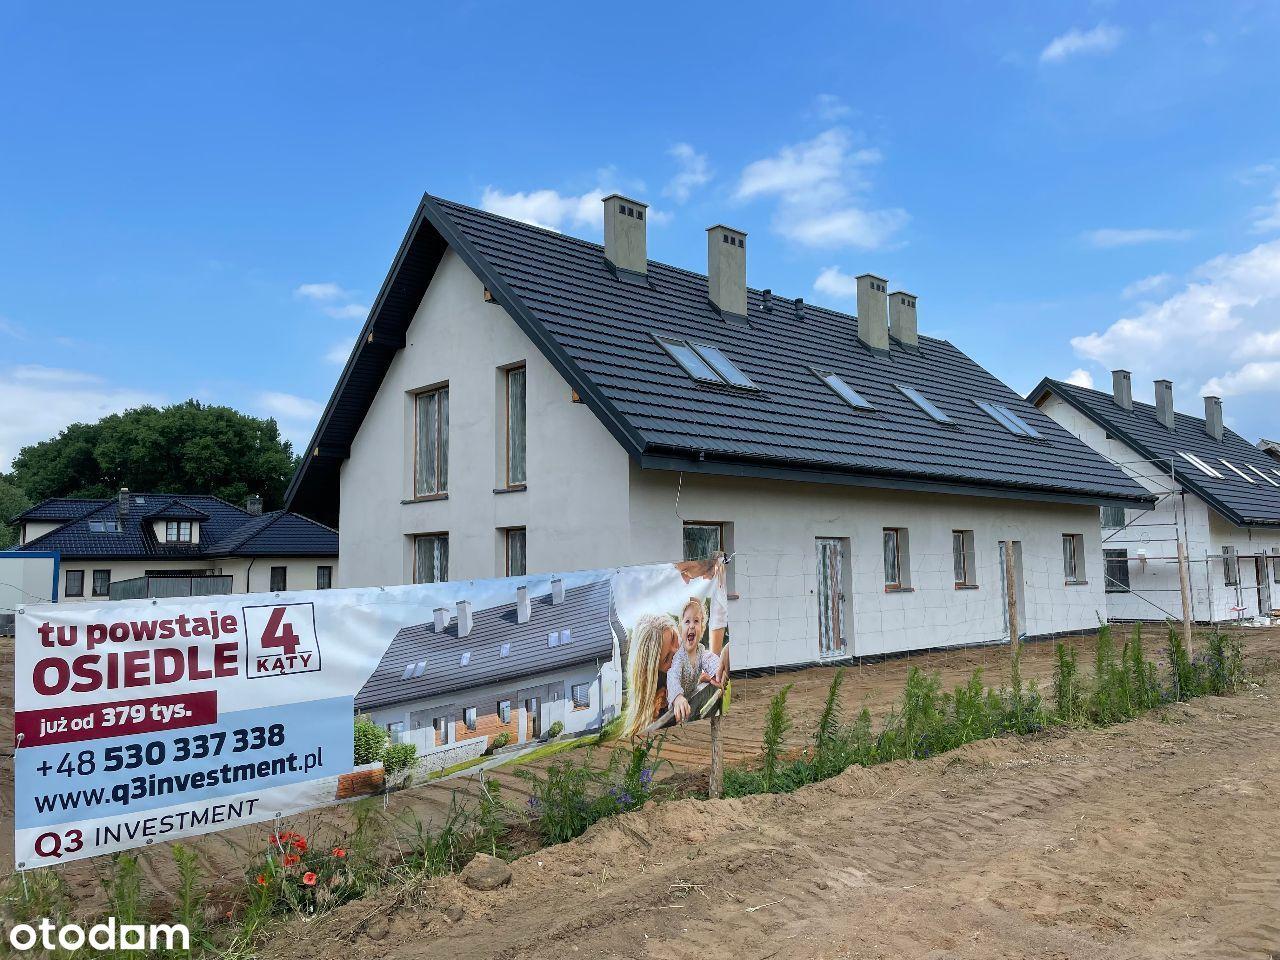 Piękne domy koło Włoclawka